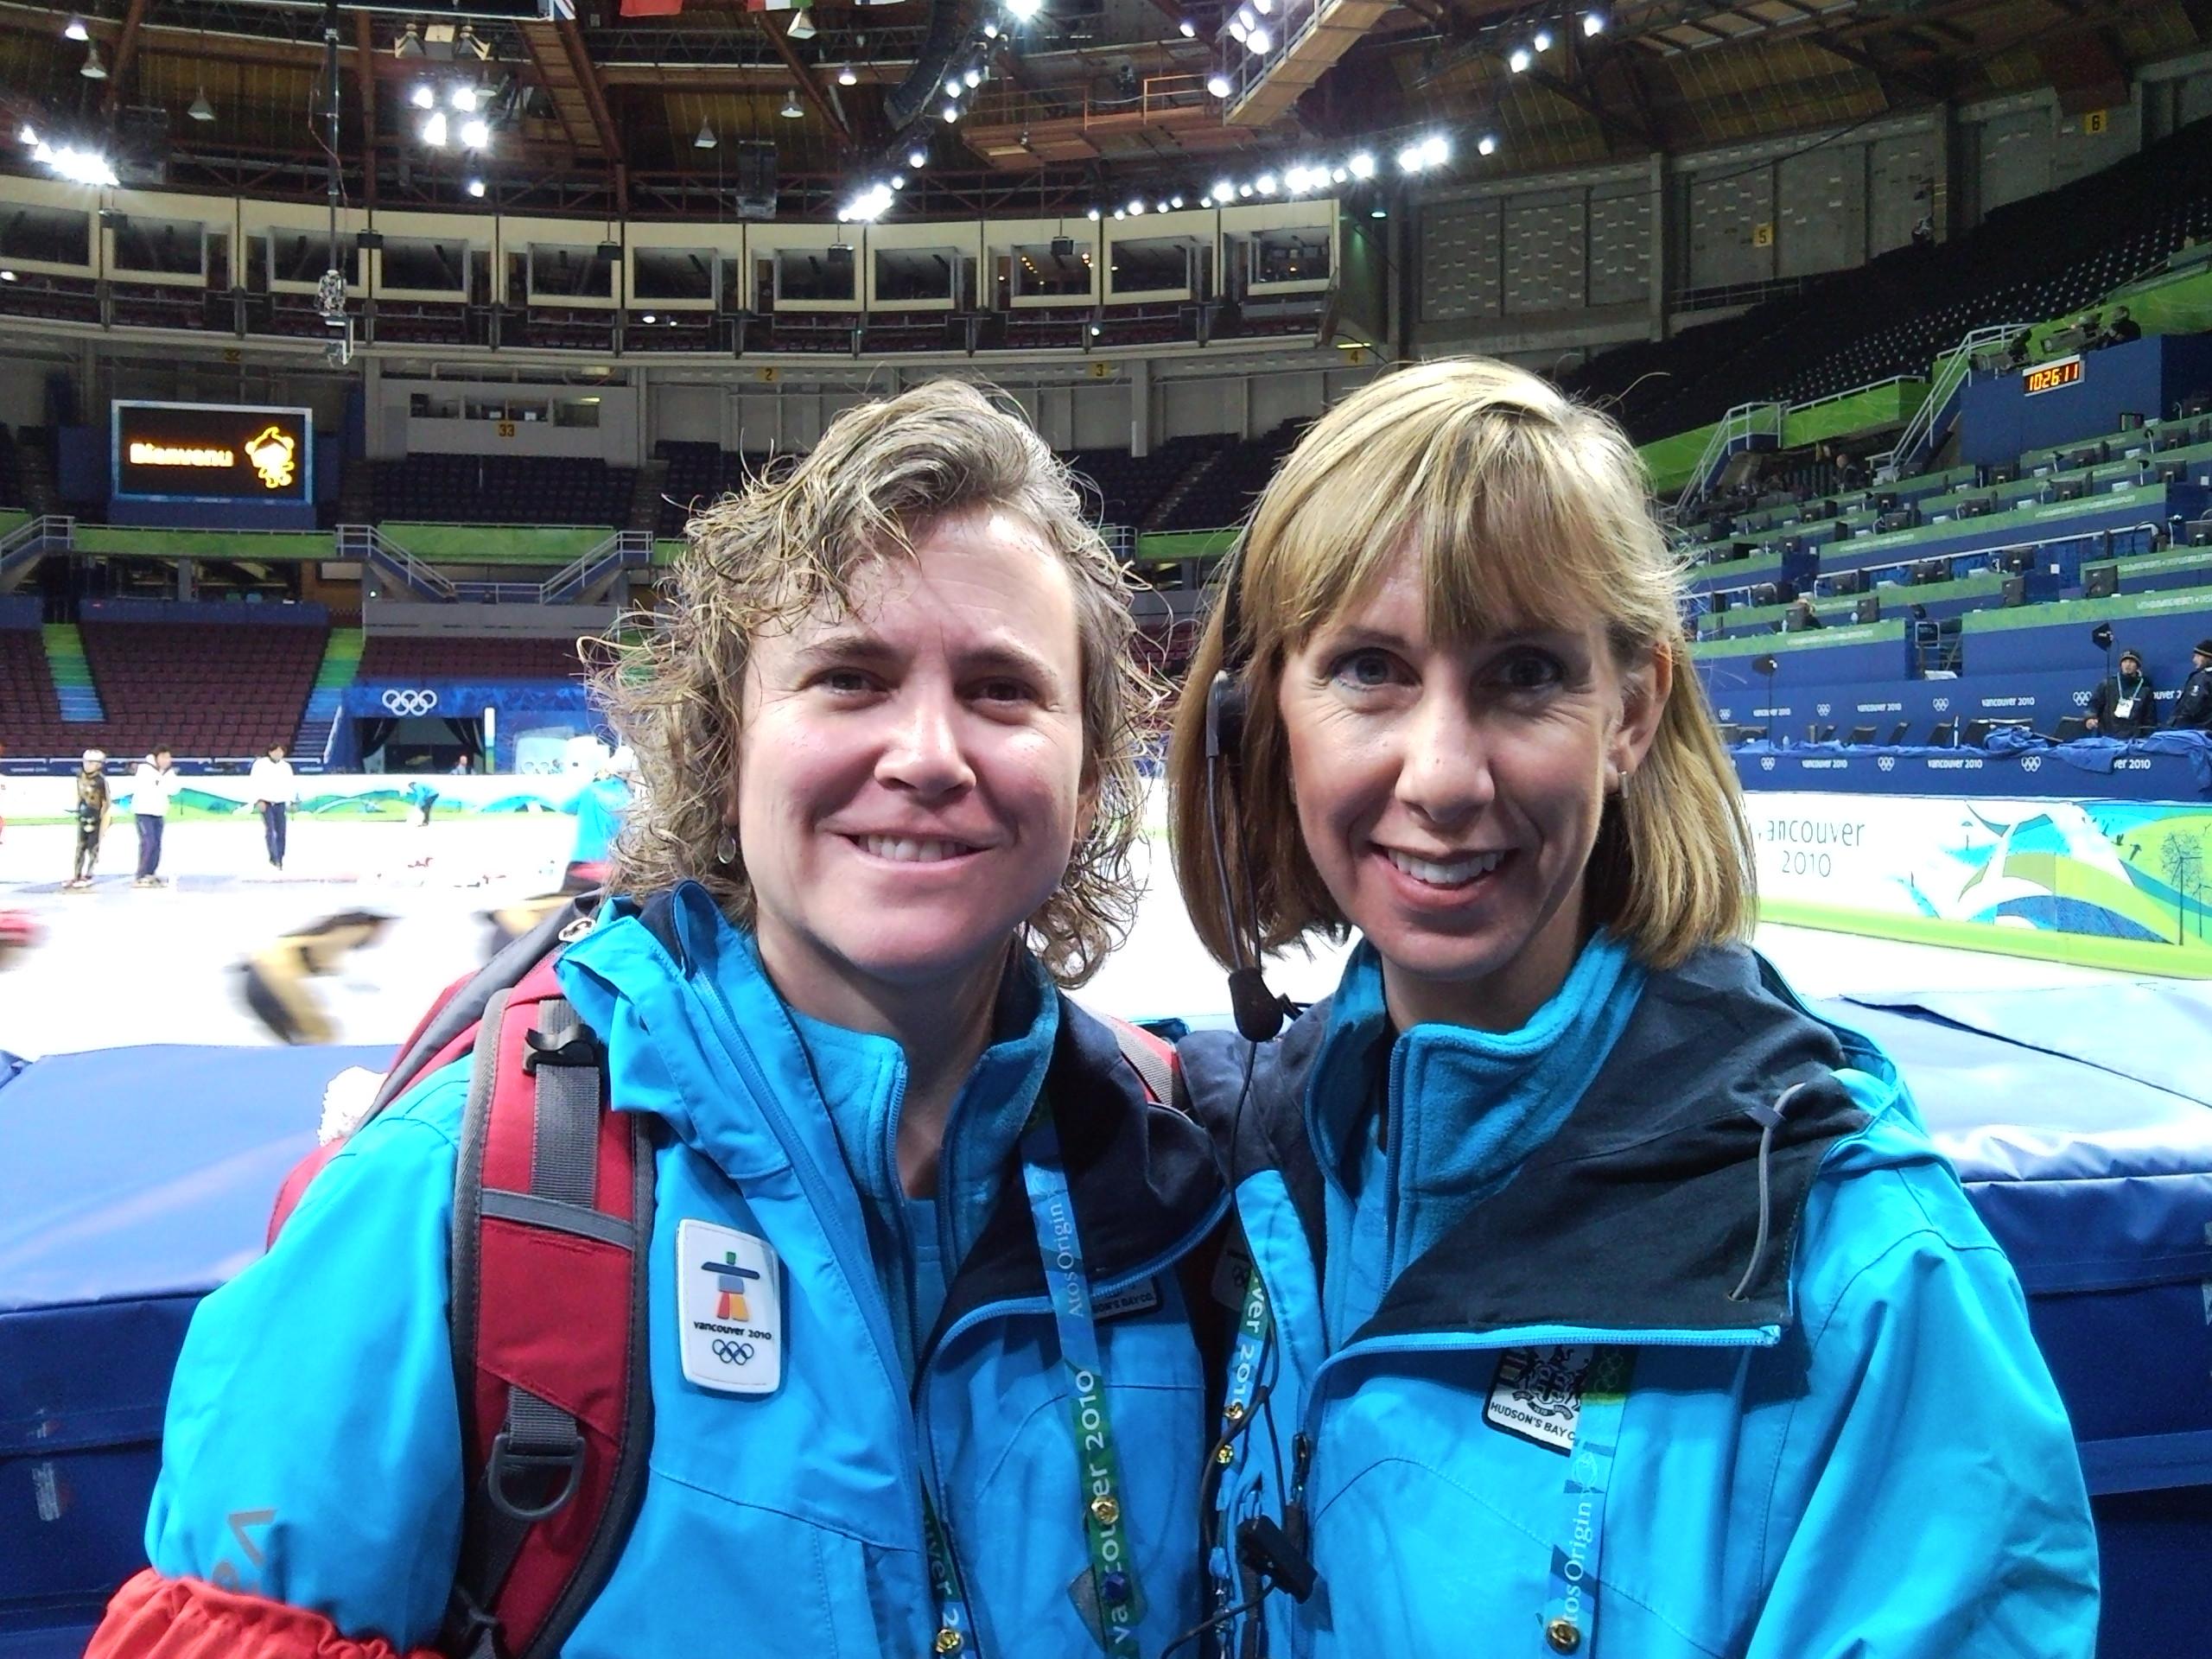 Dana works at 2010 Olympics - Body Works